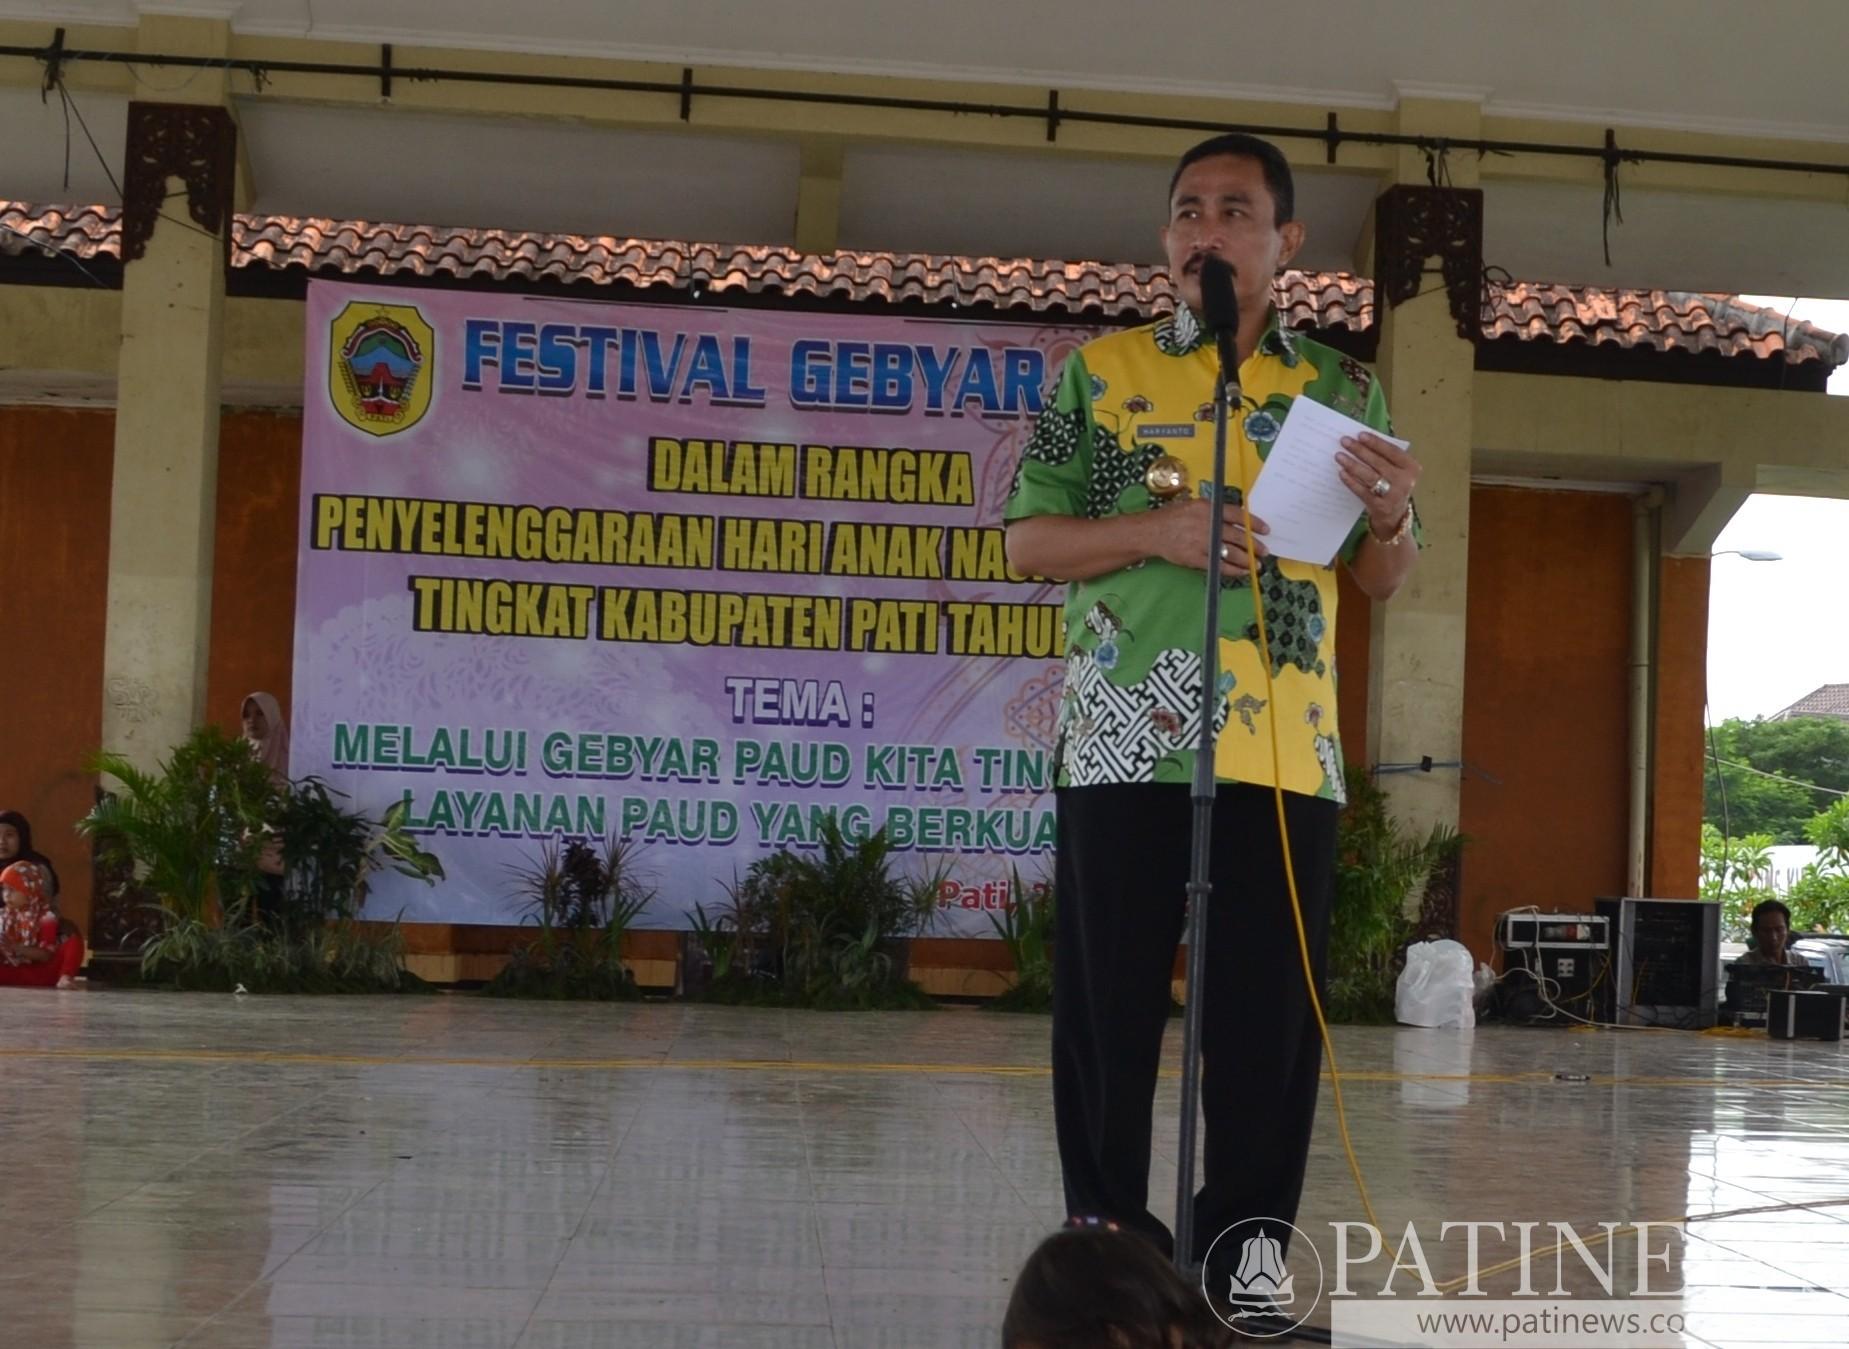 Bupati Pati Buka Festival Gebyar PAUD 2016